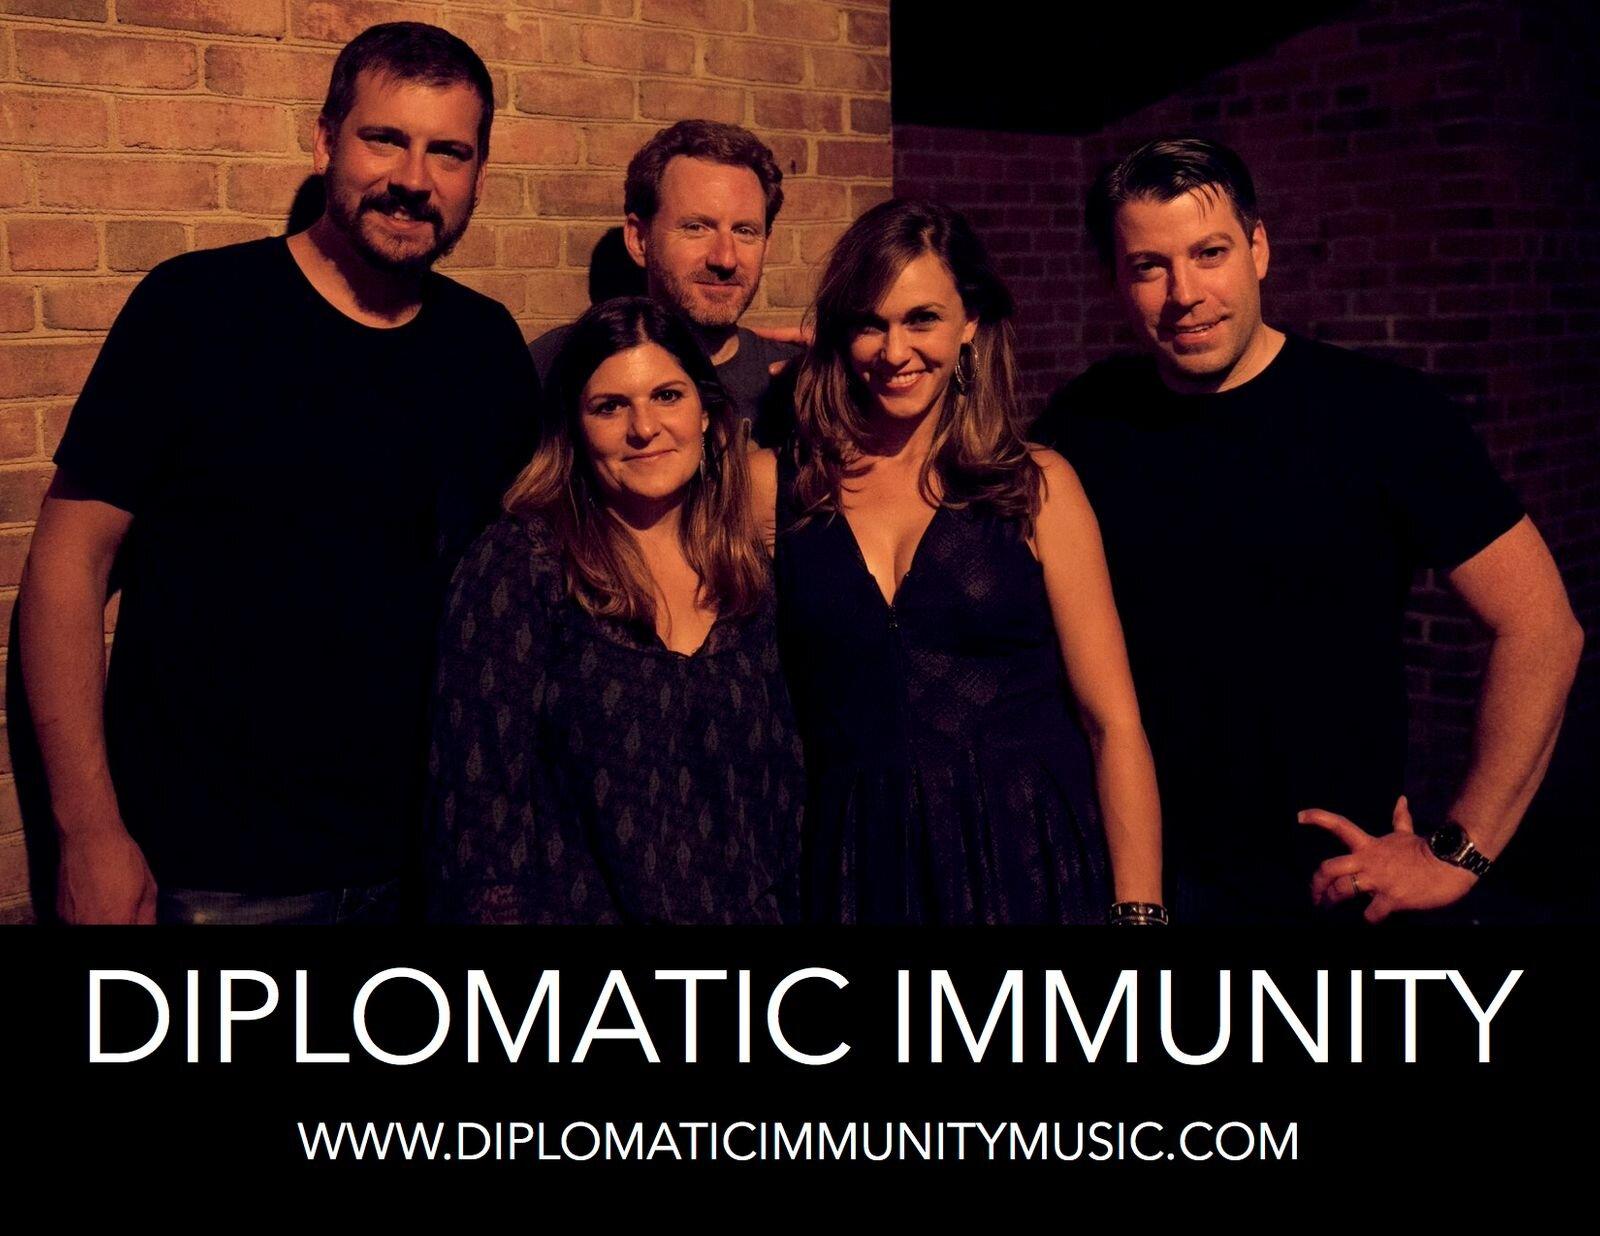 Diplomatic Immunity - Sun 9/29 @ 4:00 PM